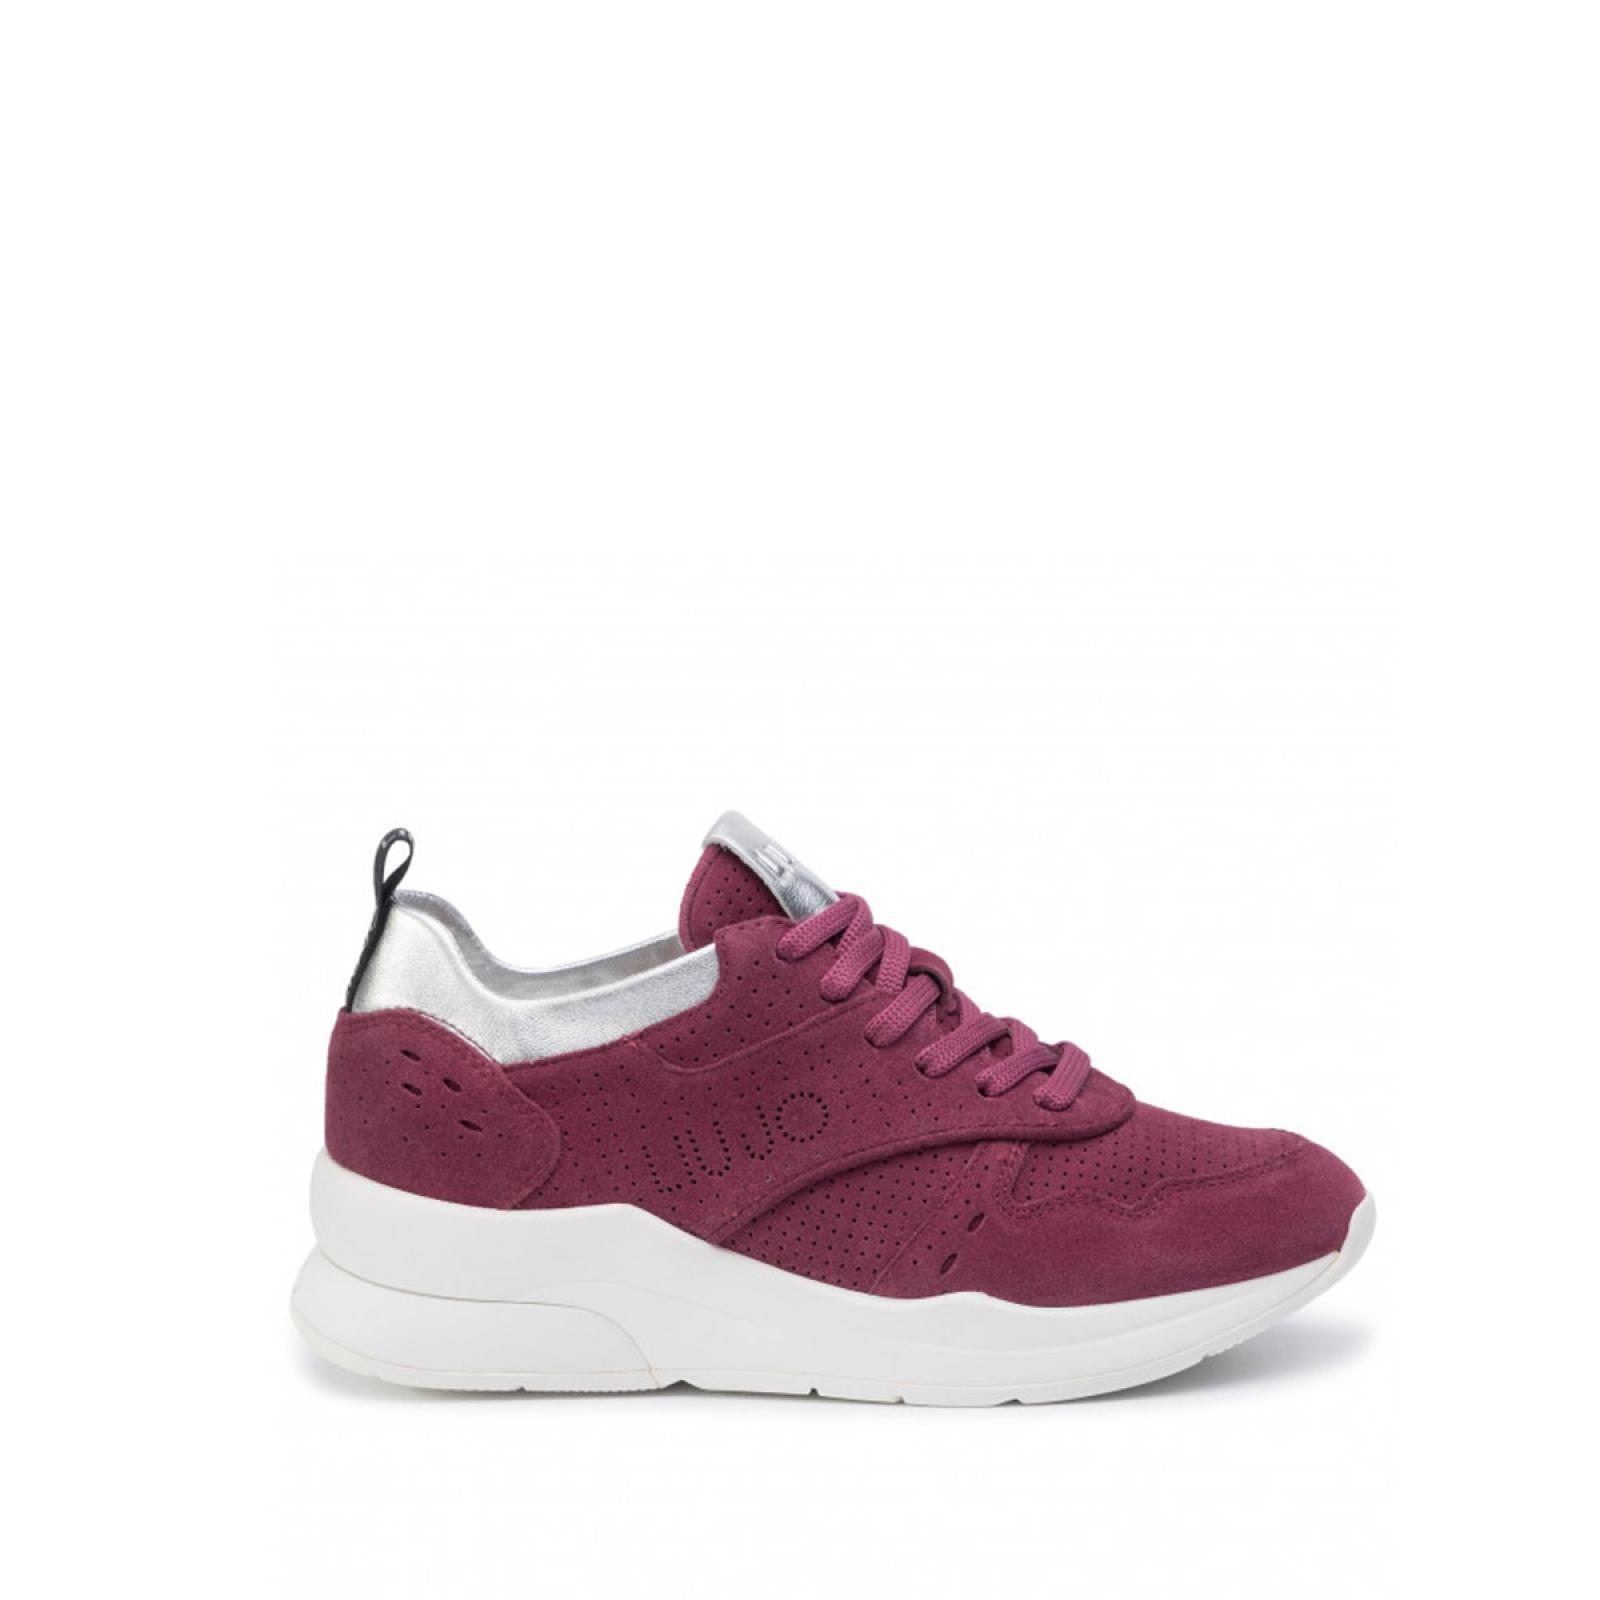 Sneakers Karlie in suede - WINE